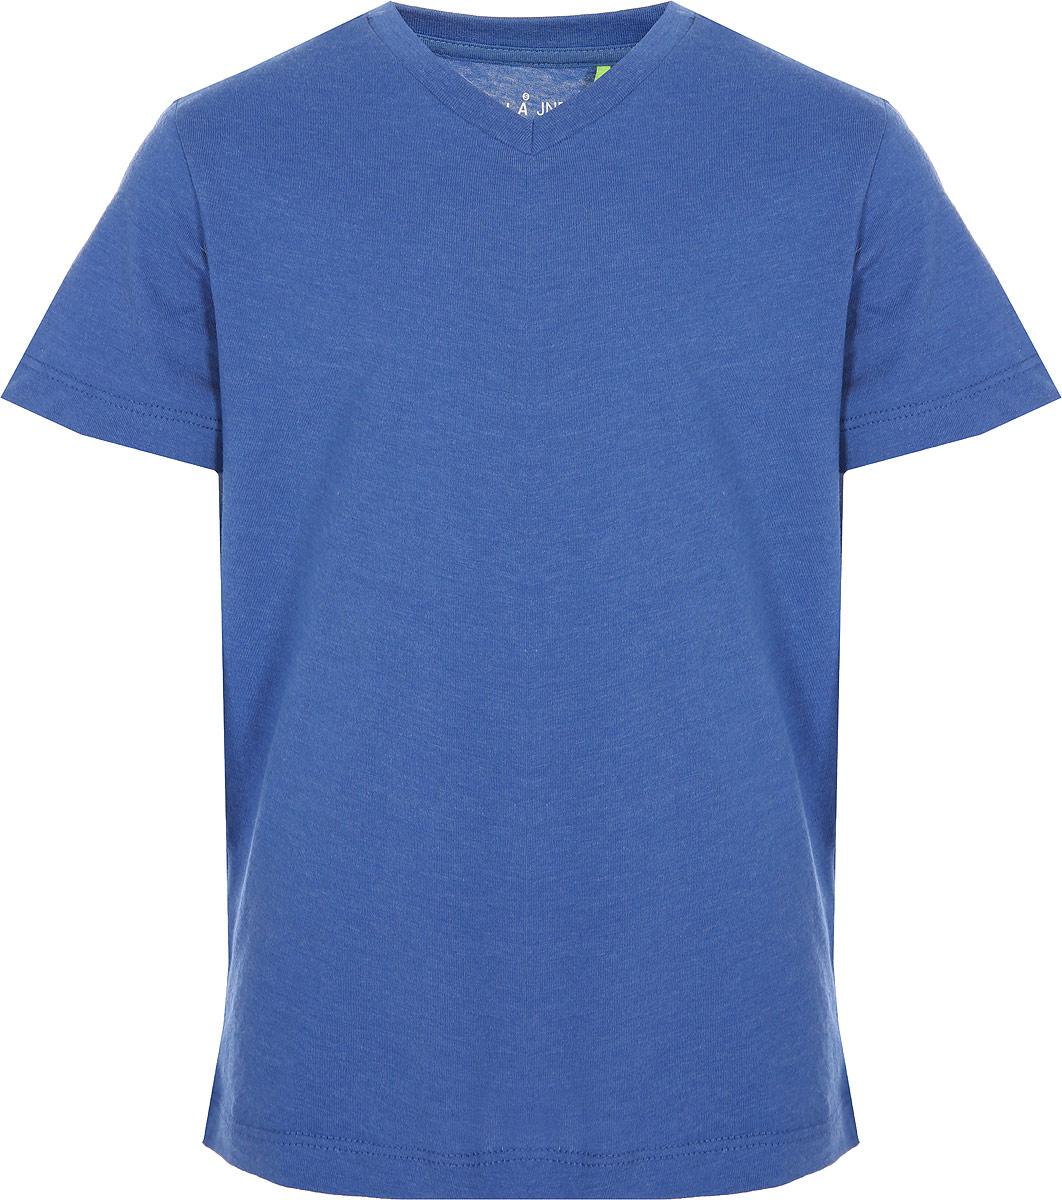 Футболка для мальчика Sela, цвет: ярко-синий меланж. Ts-811/301-8224. Размер 128 футболка базовая с u образным вырезом